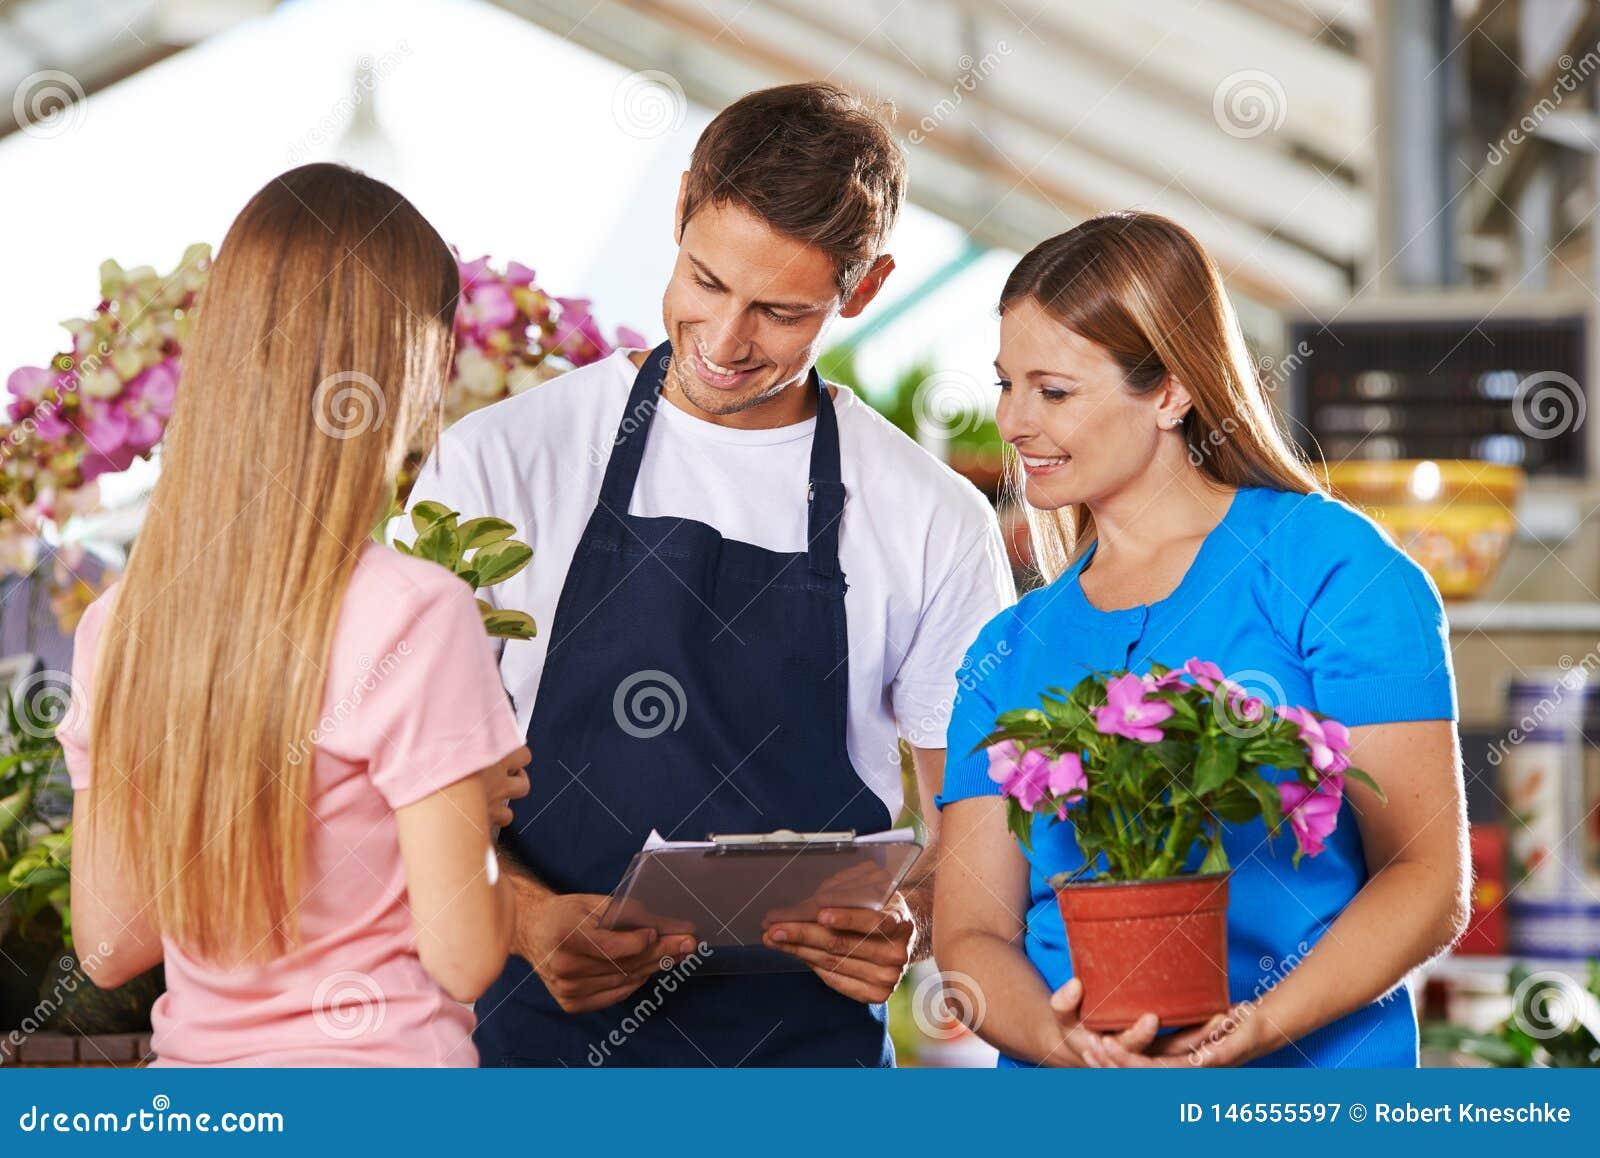 Angestellte im Blumenladen mit Rat von den Kunden